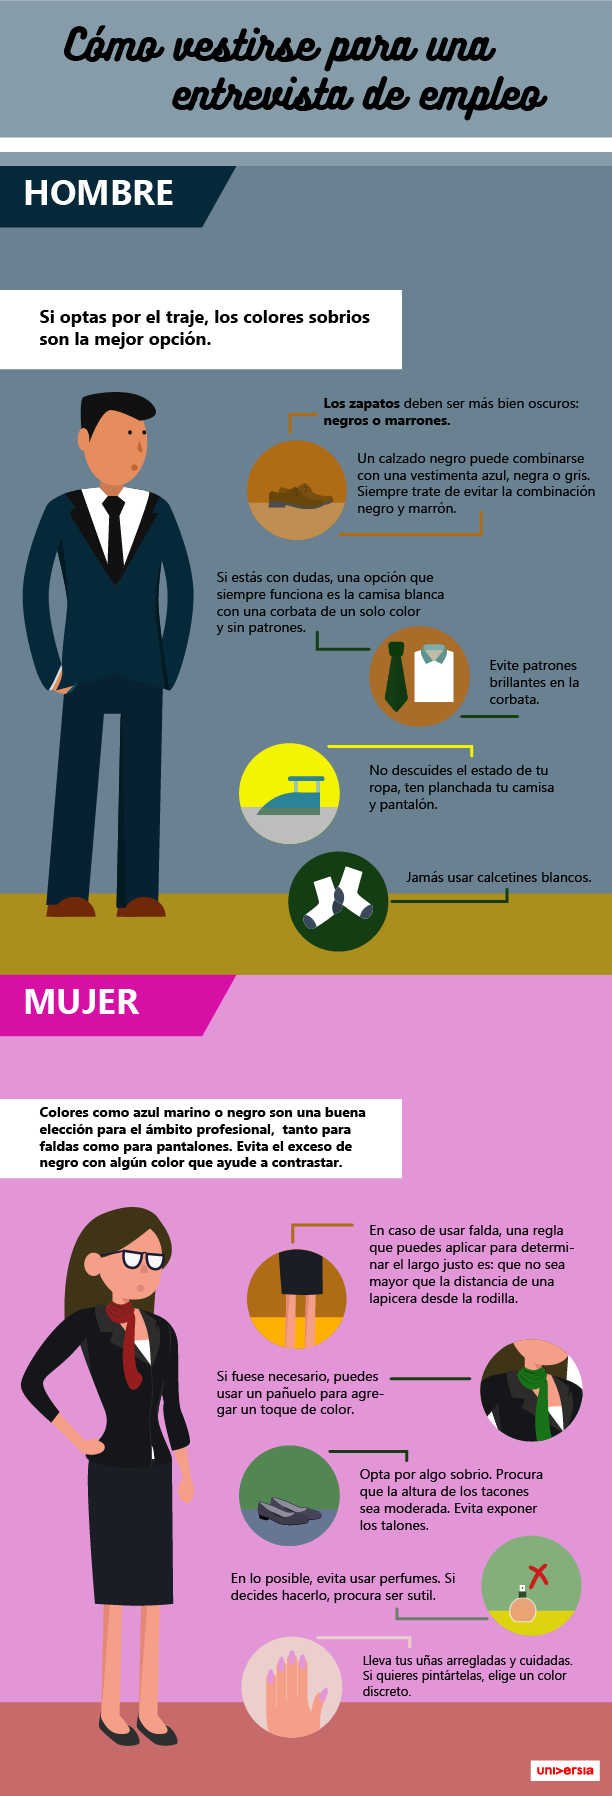 Como Ir Vestido A Una Entrevista De Trabajo Infografia Entrevista De Trabajo Entrevista De Trabajo Tips Entrevista